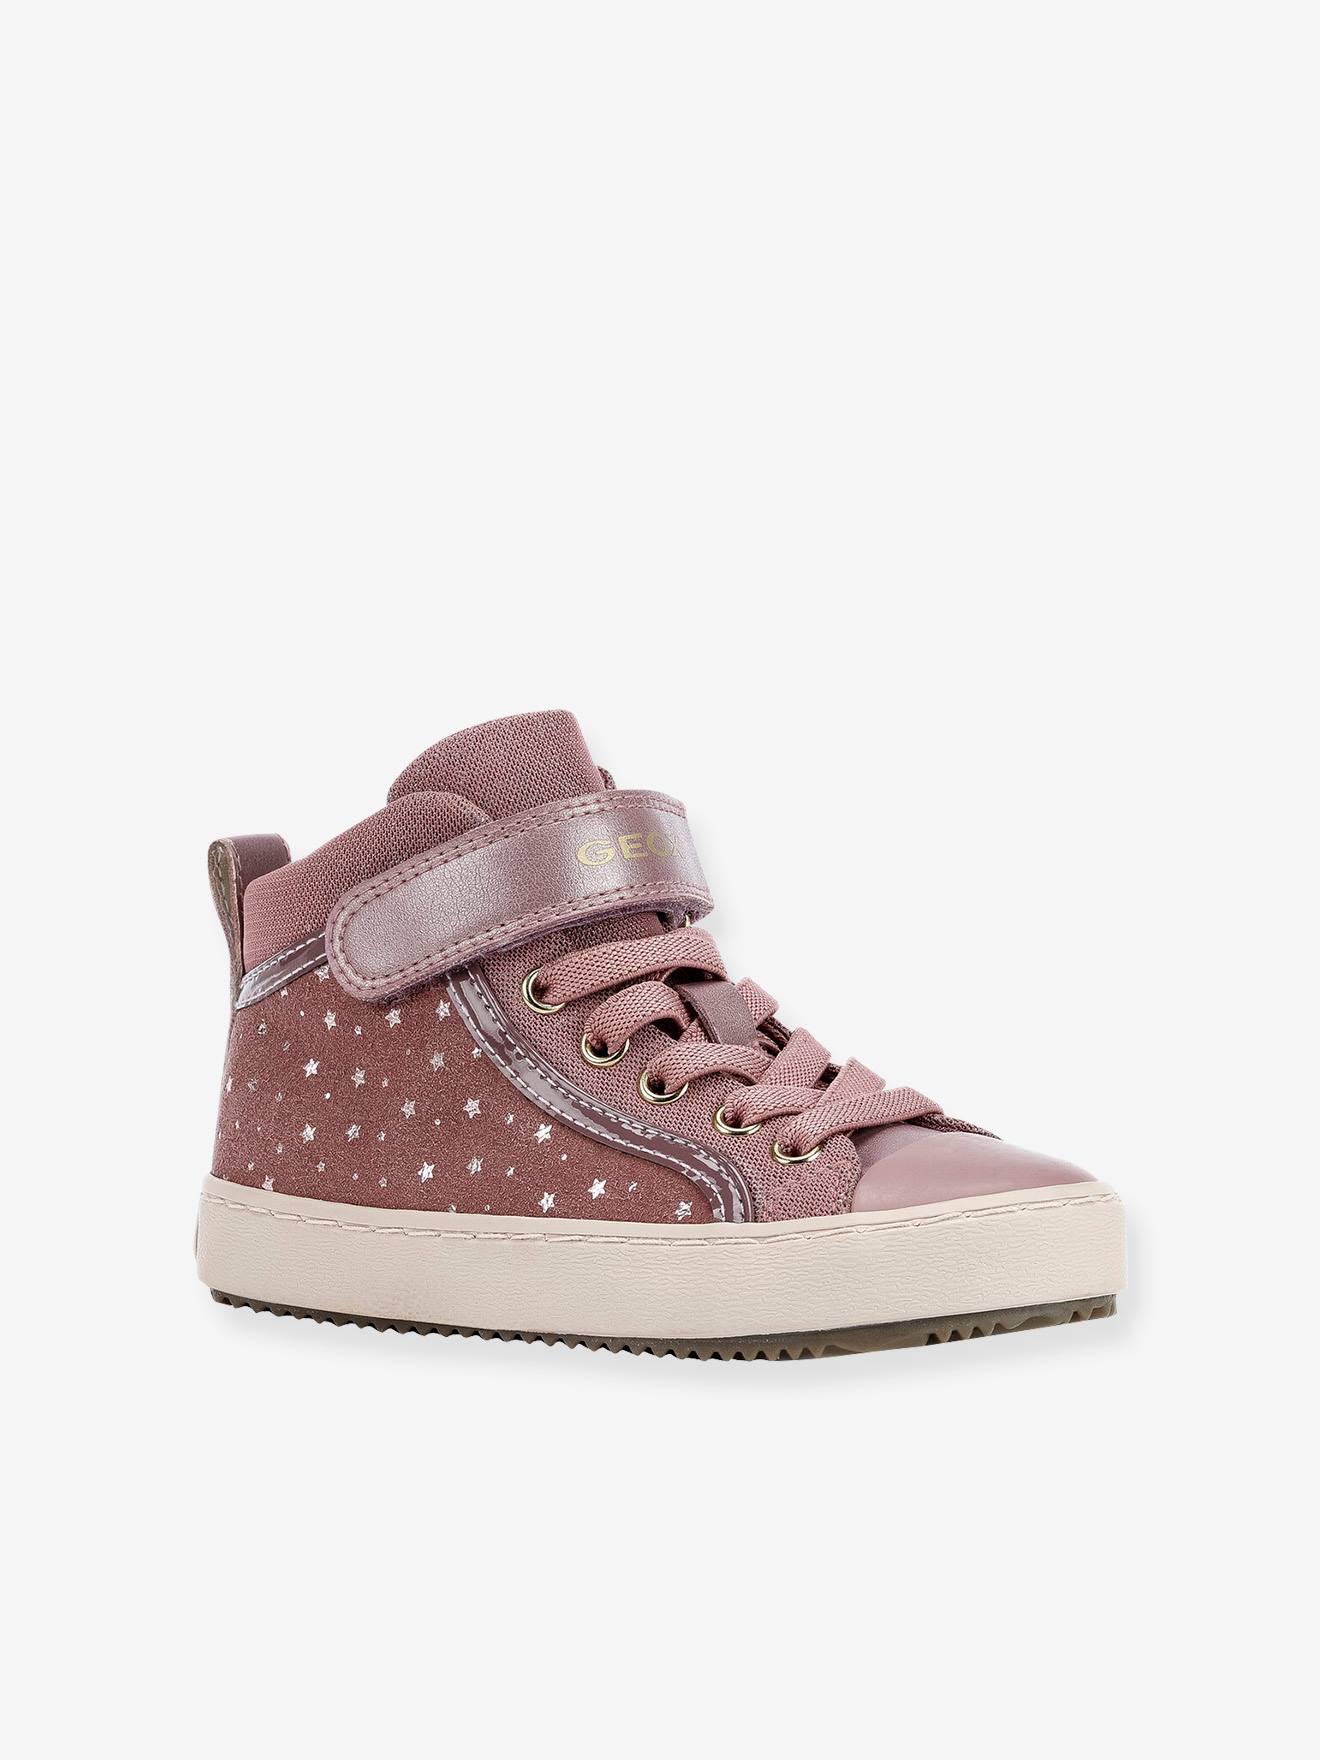 Geox Kids Kalispera Girl 4 Sneaker